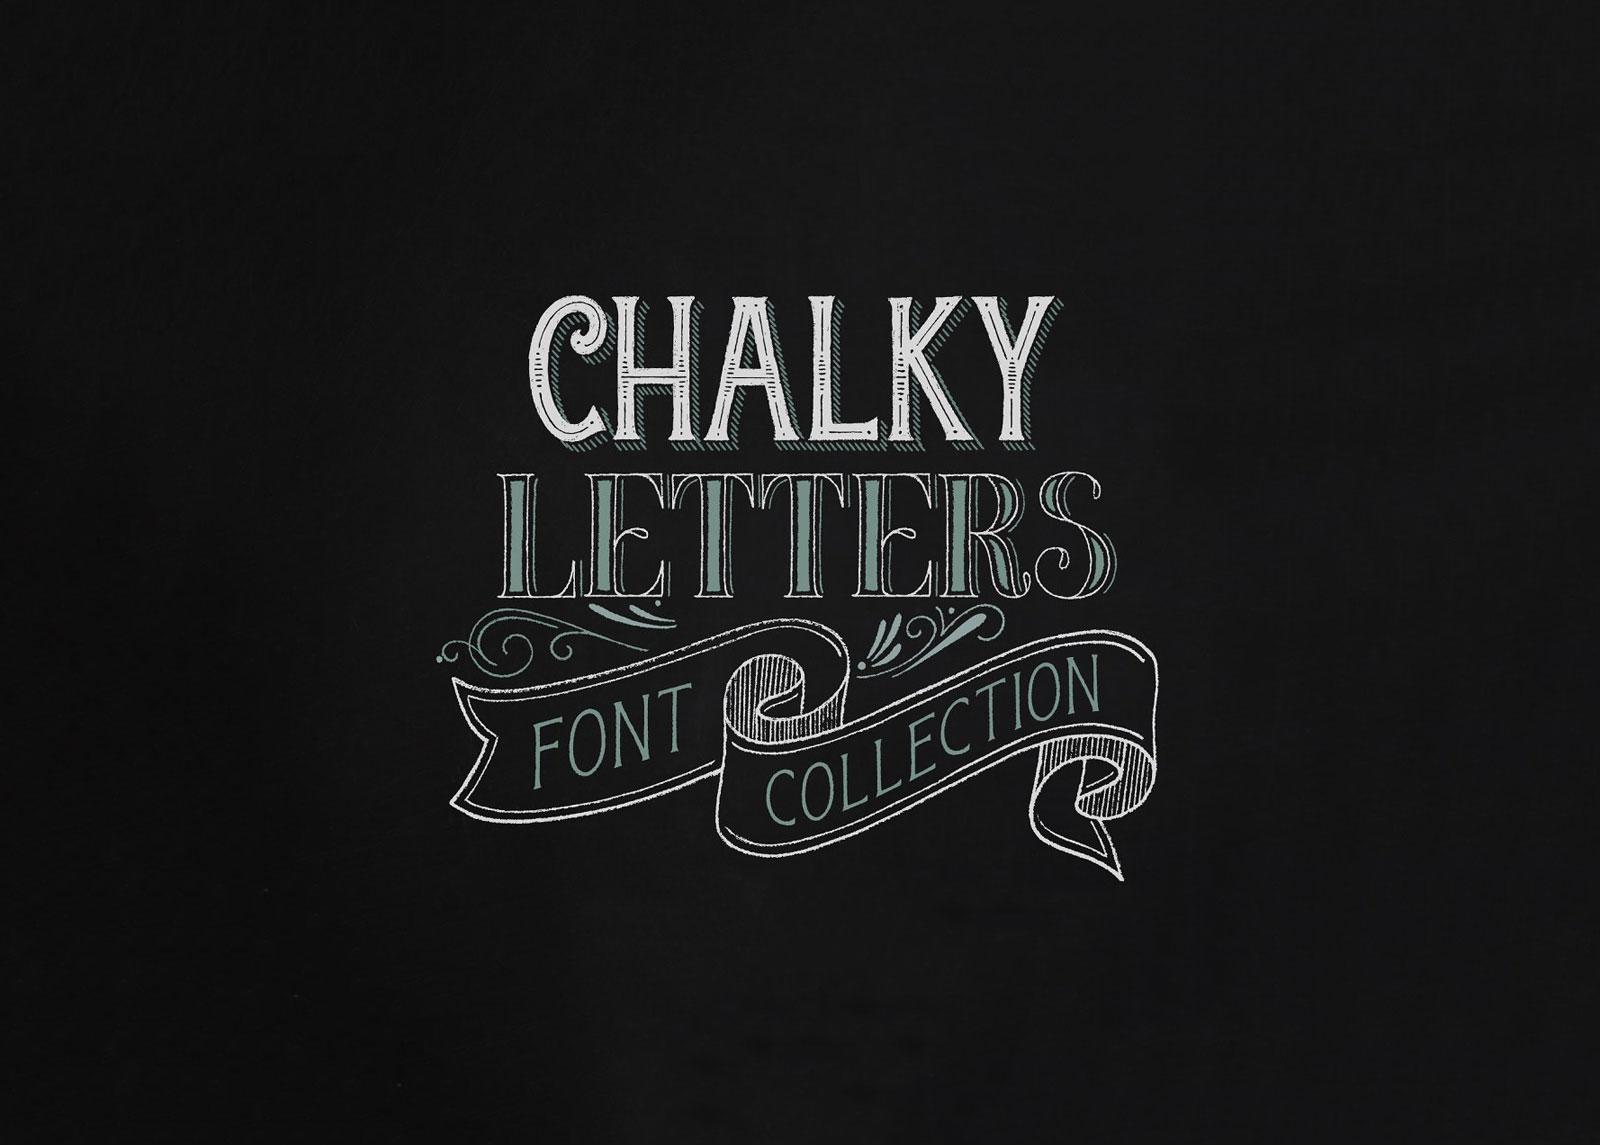 Free & premium chalkboard fonts